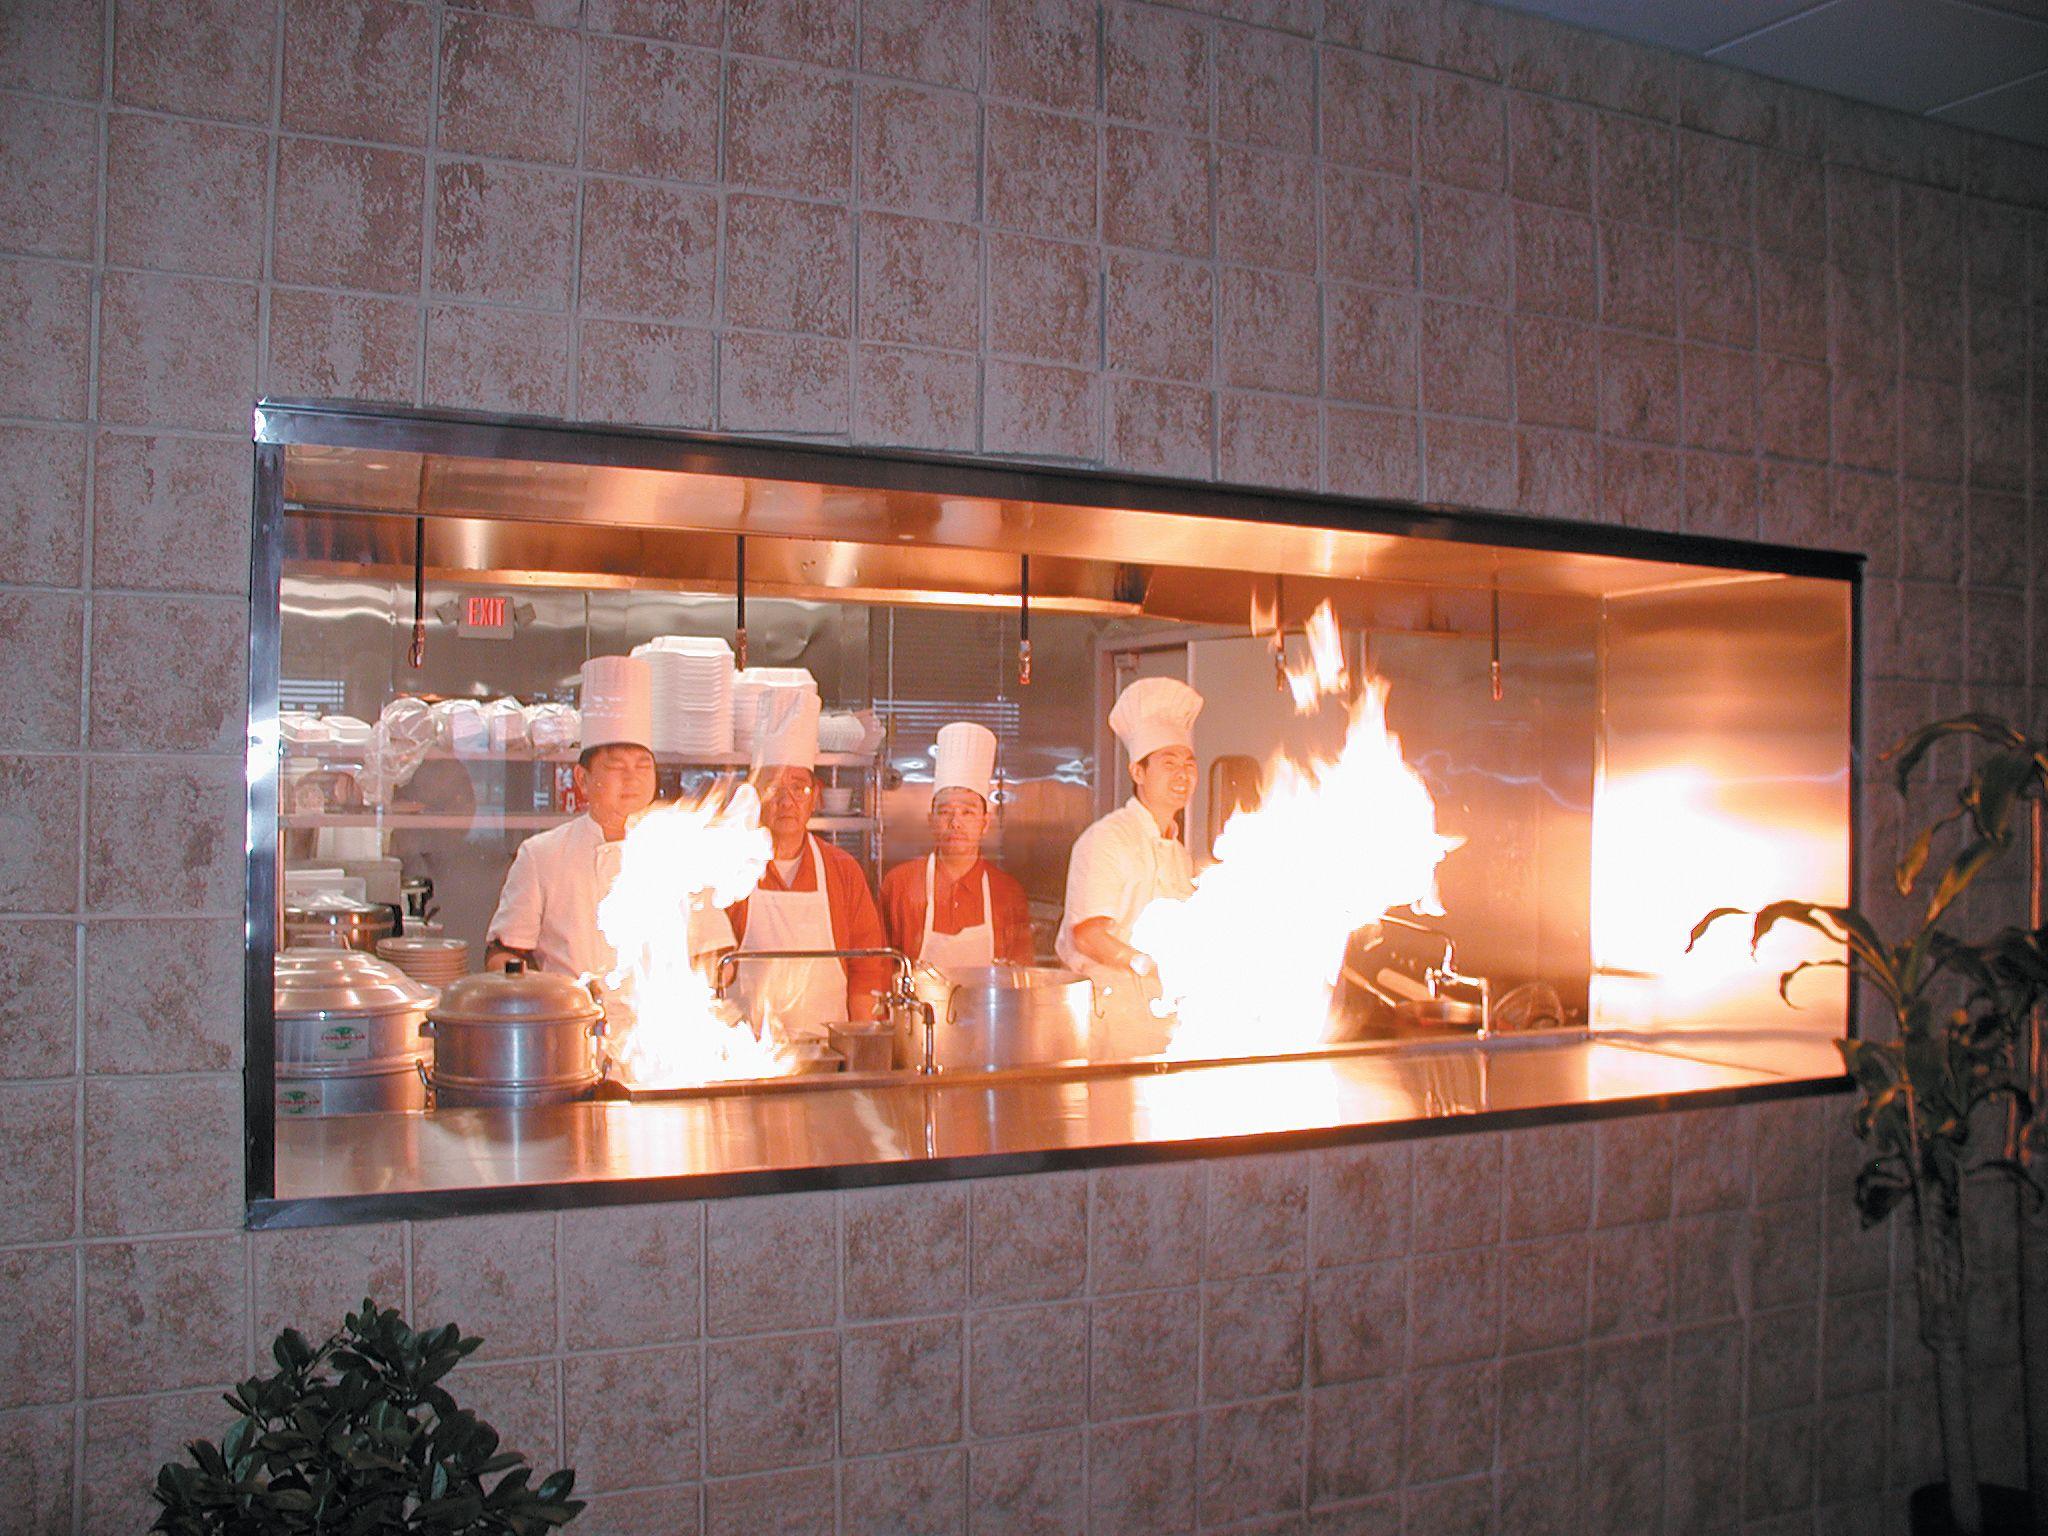 restaurant kitchen design wilsonart cabinets window google search layout